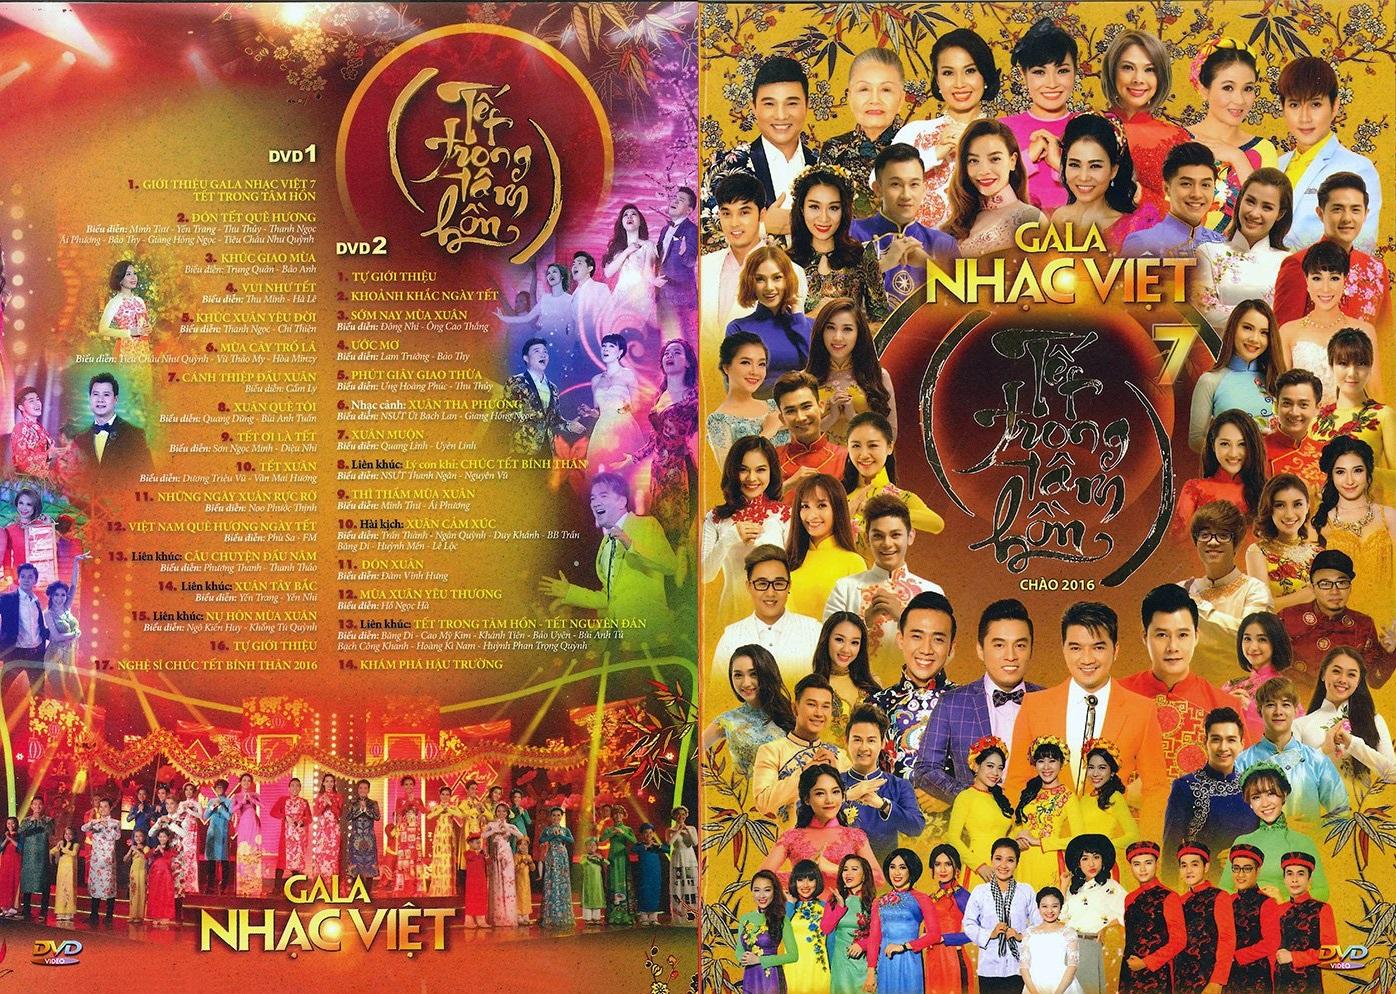 Gala Nhạc Việt 7 - Tết Trong Tâm Hồn 2016